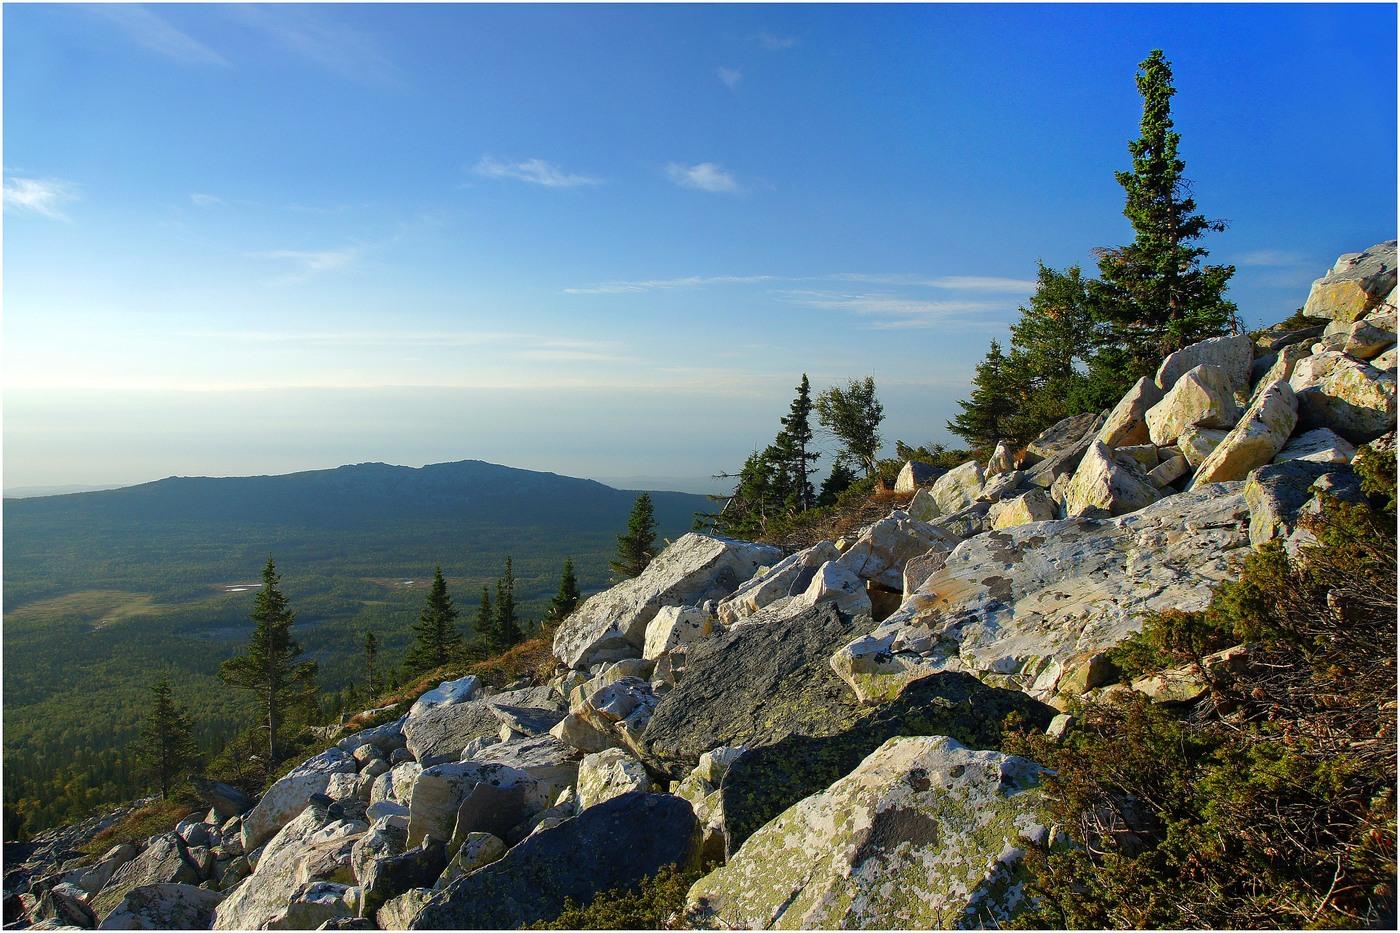 Хребты уральских гор в башкирии фото